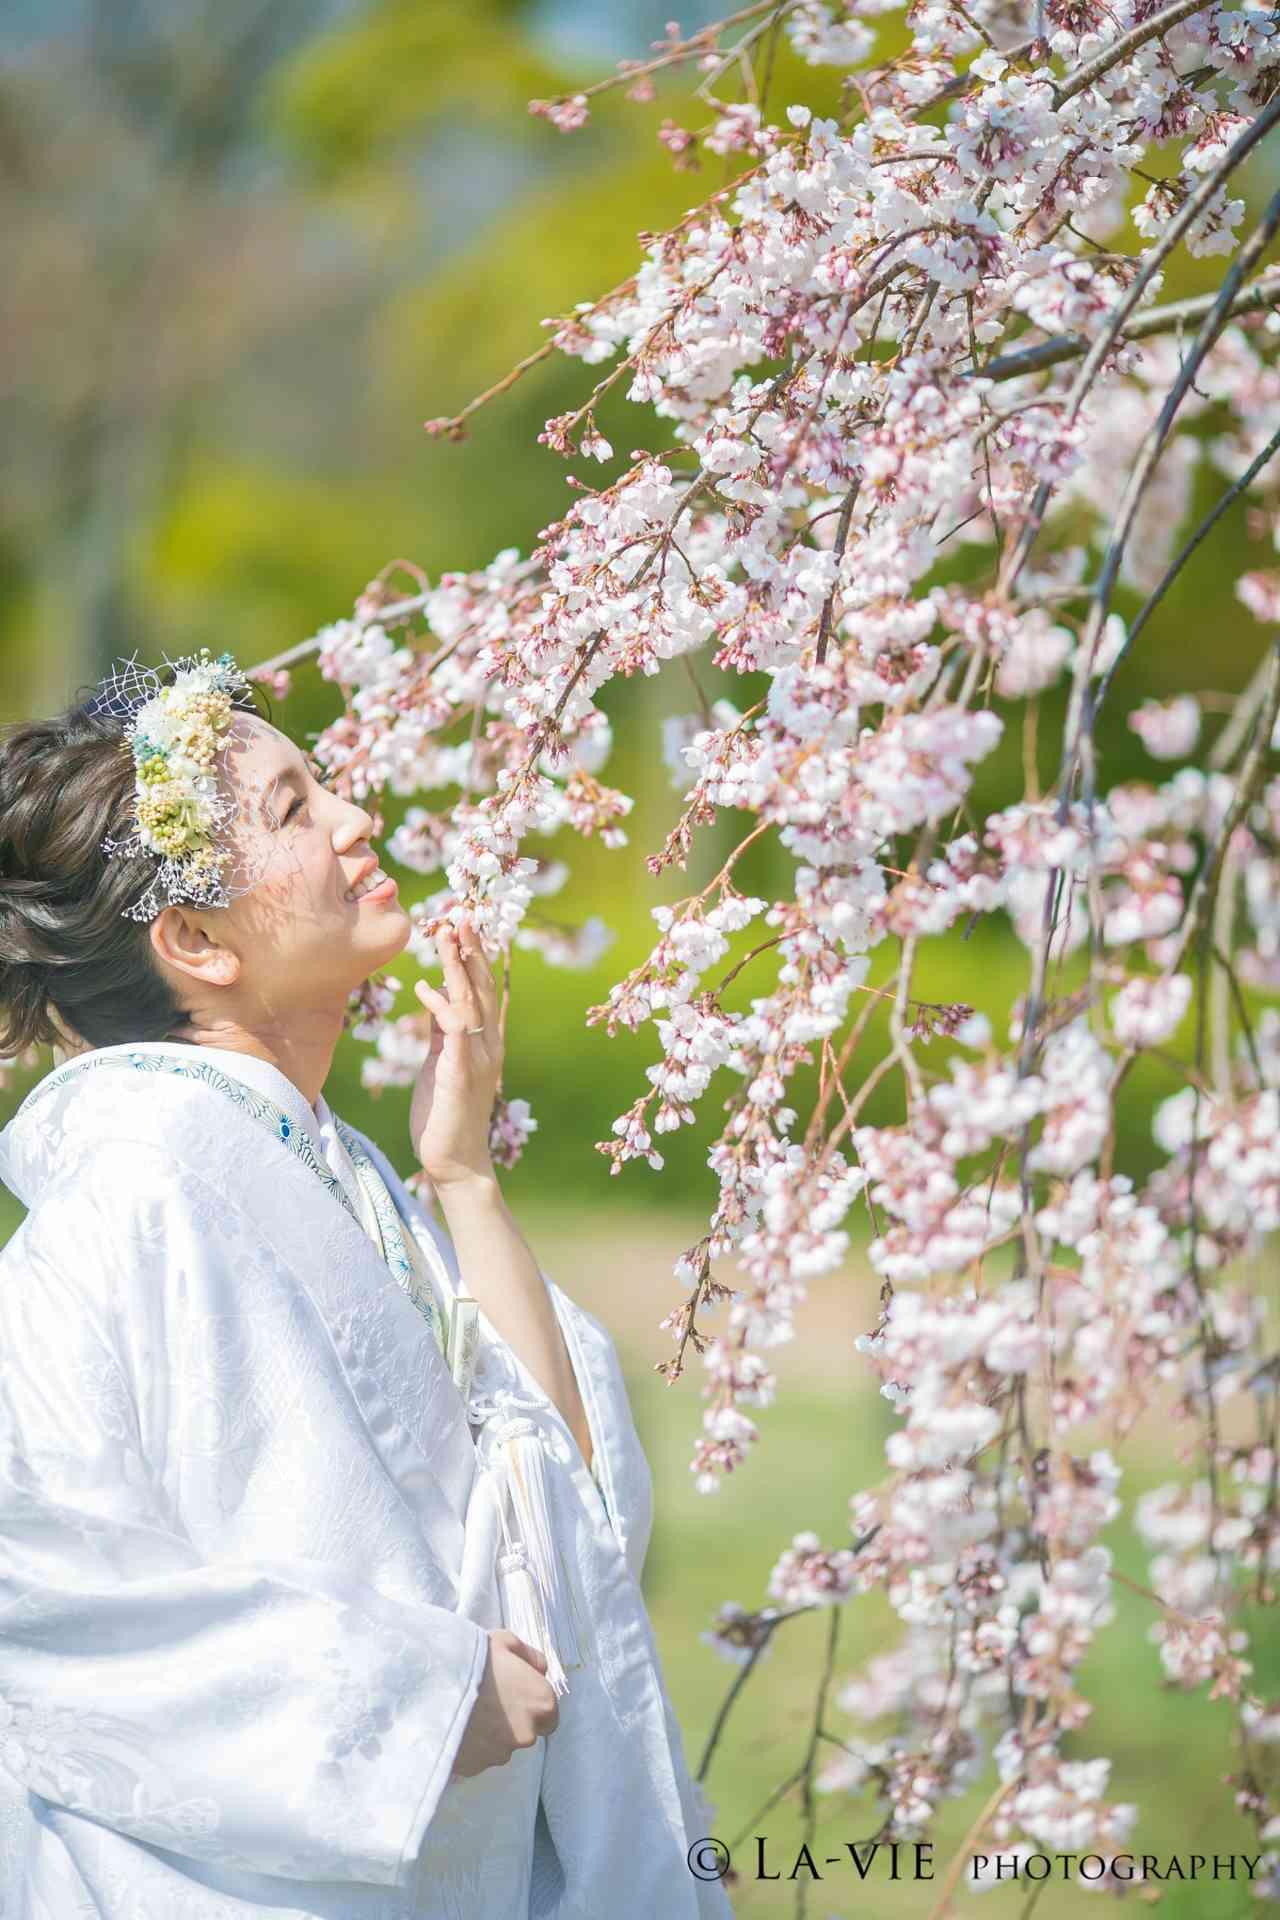 大阪大仙公園の春